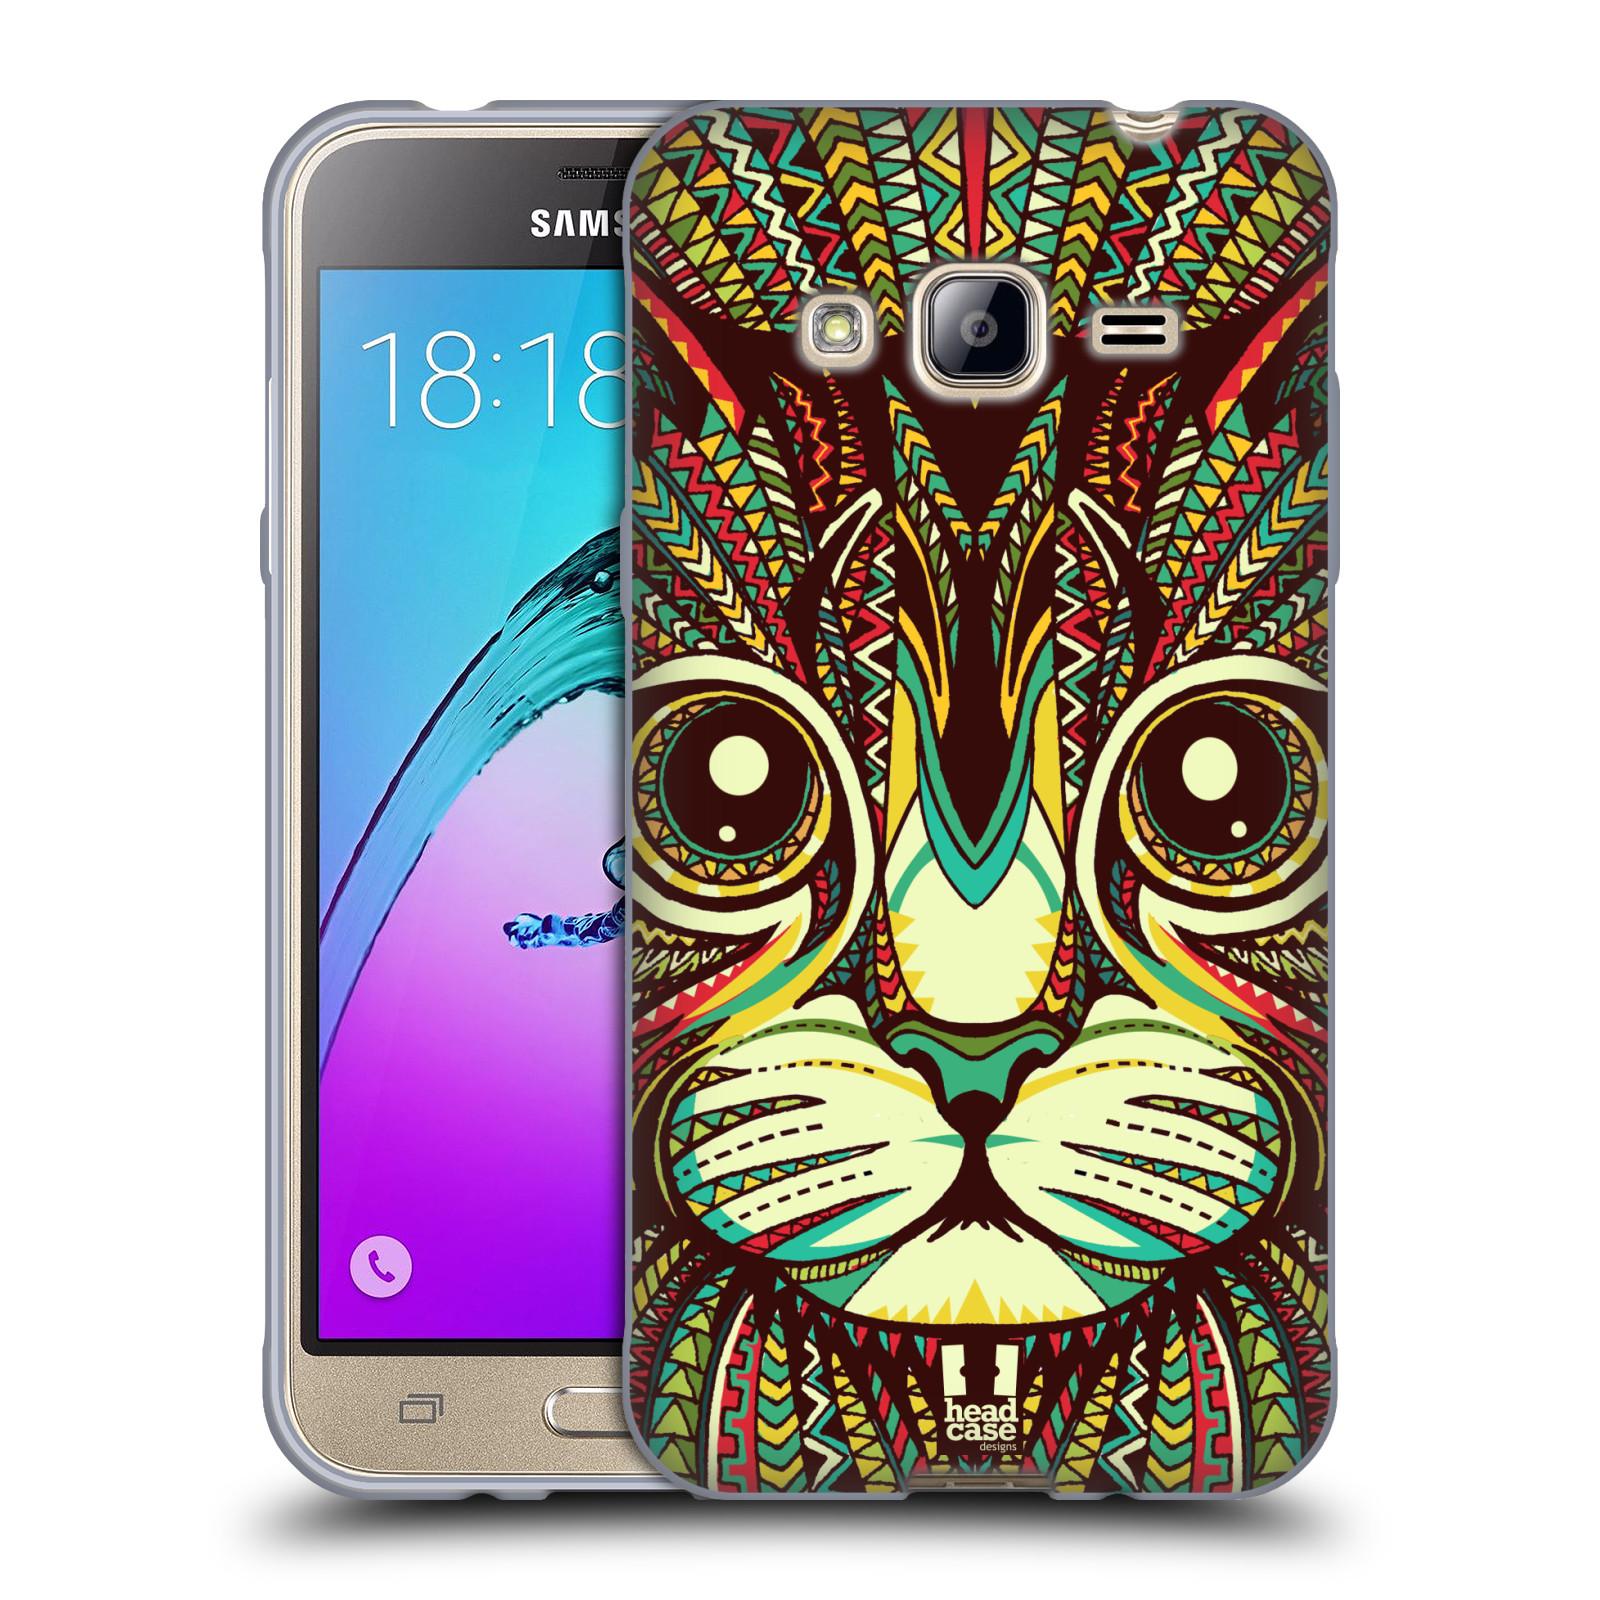 HEAD CASE silikonový obal na mobil Samsung Galaxy J3, J3 2016 vzor Aztécký motiv zvíře 2 kotě